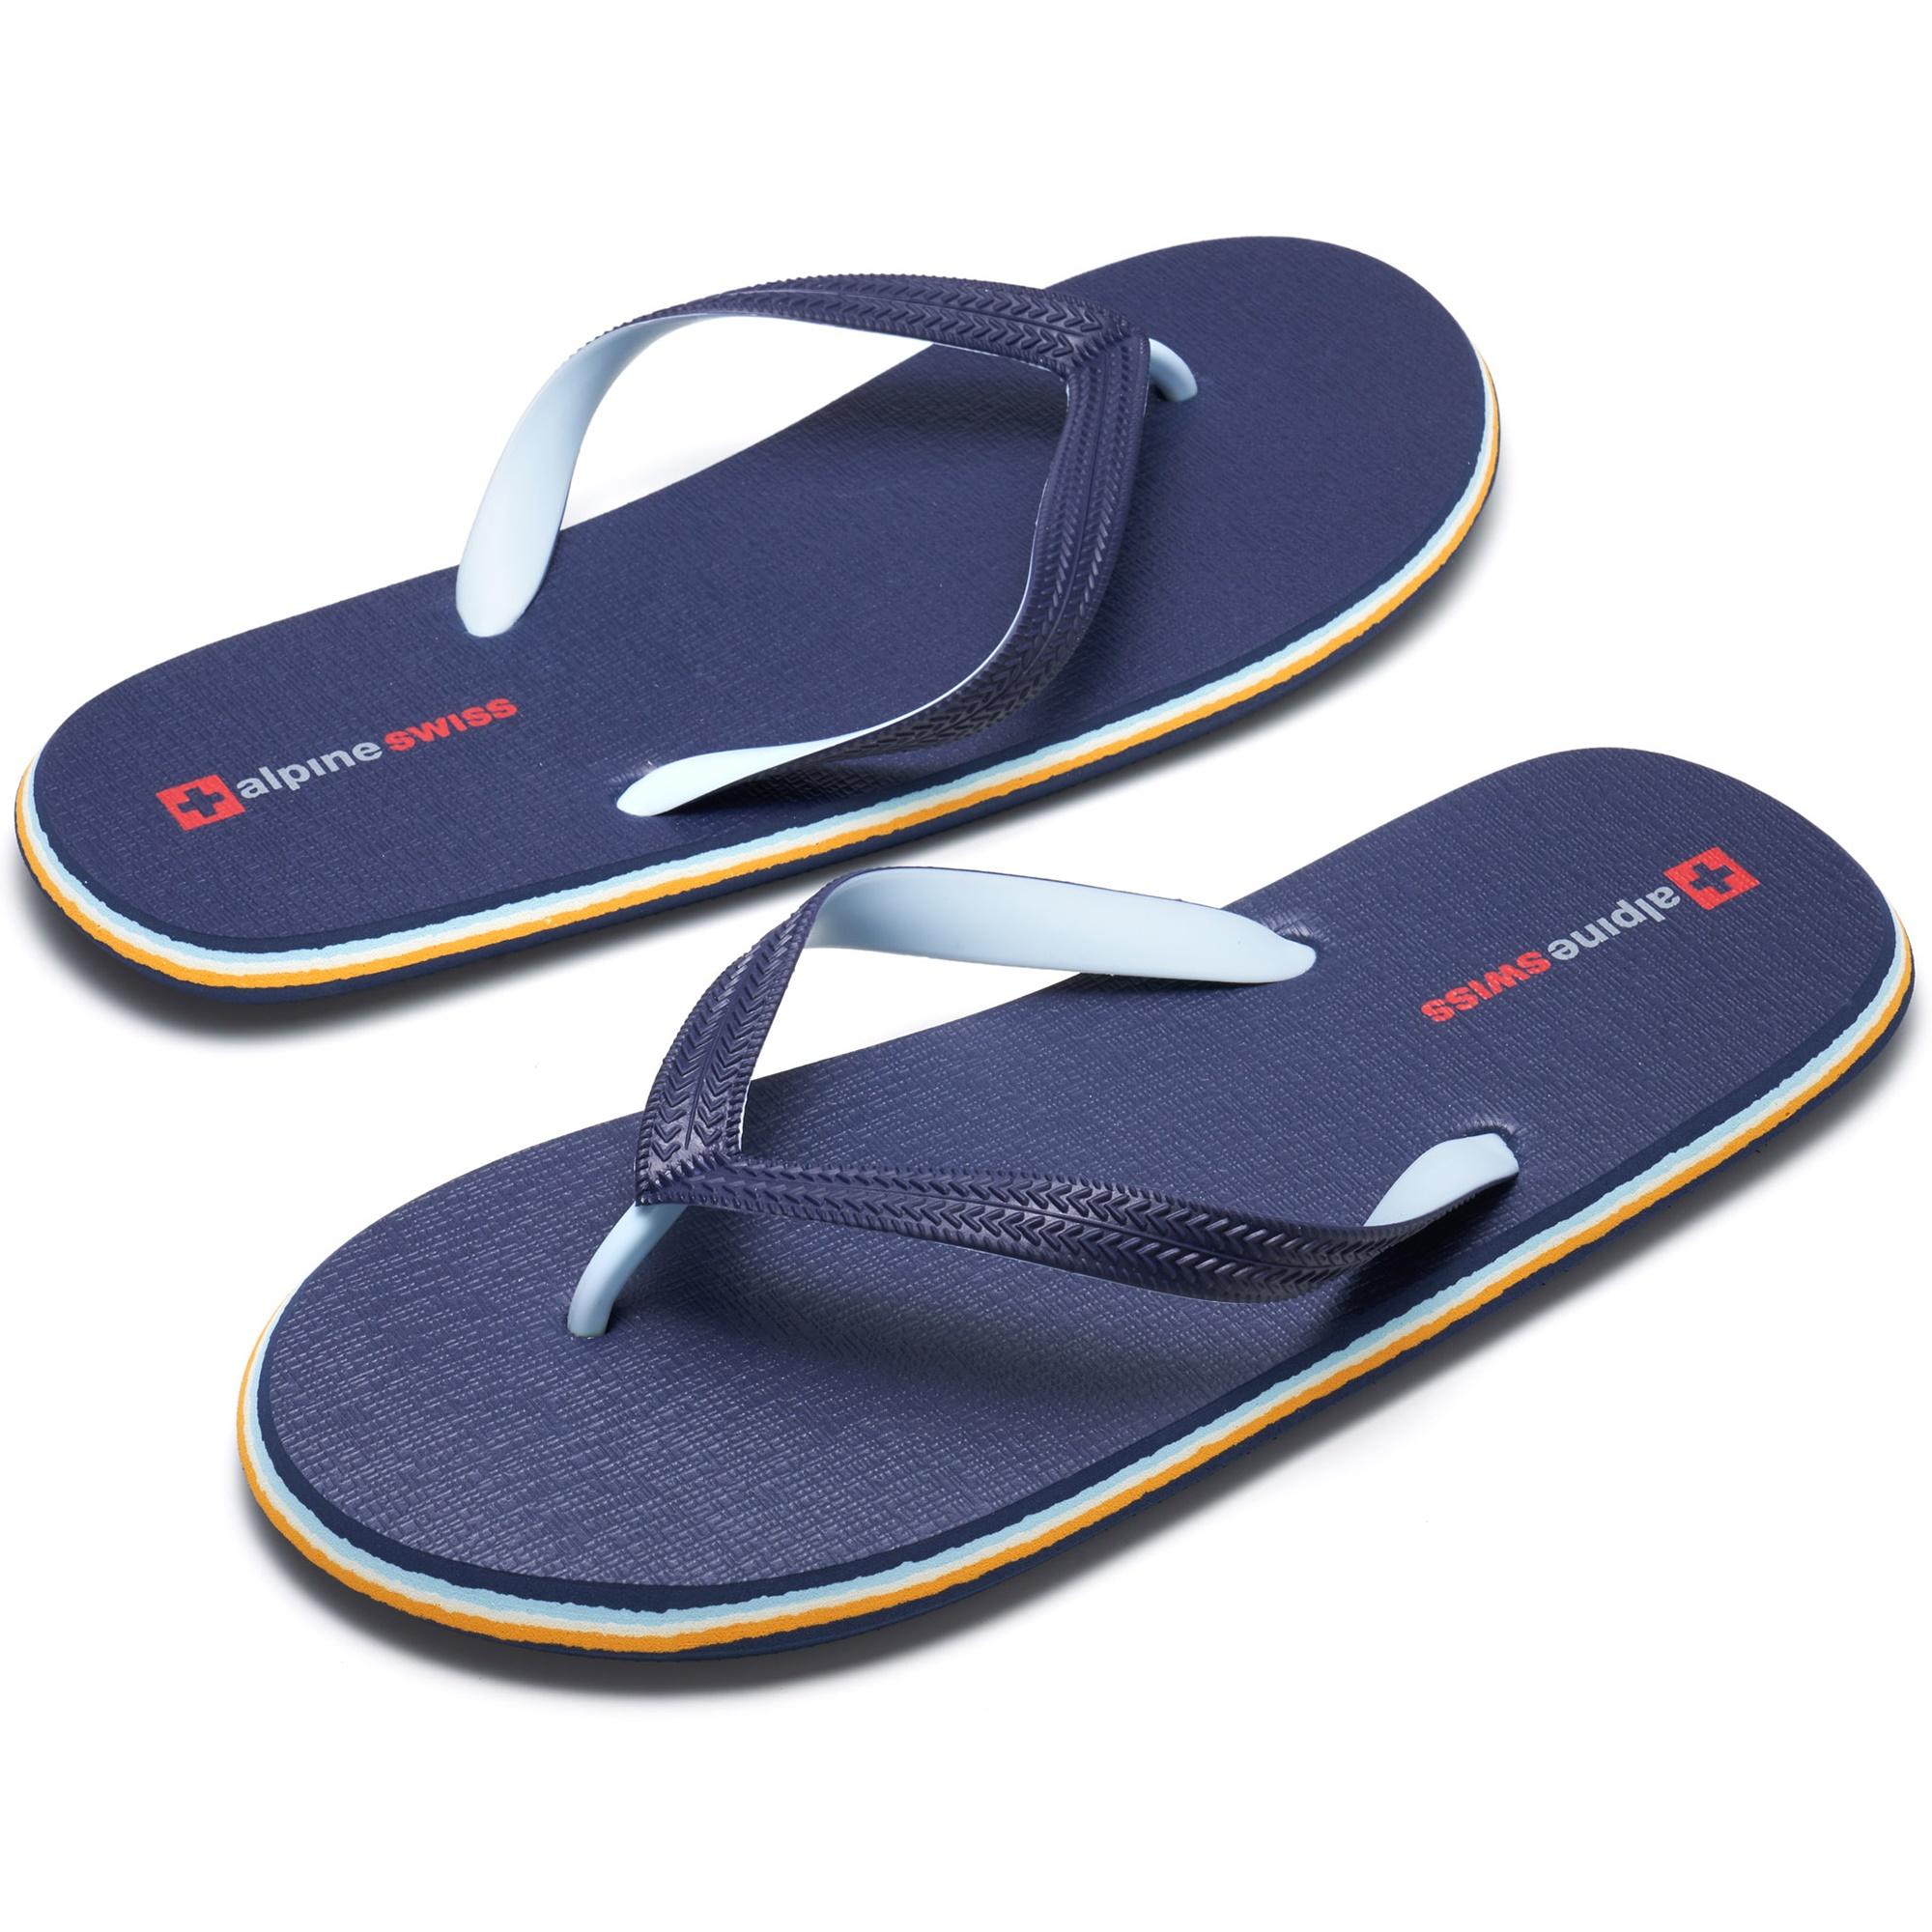 Alpine-Swiss-Mens-Flip-Flops-Beach-Sandals-Lightweight-EVA-Sole-Comfort-Thongs thumbnail 25